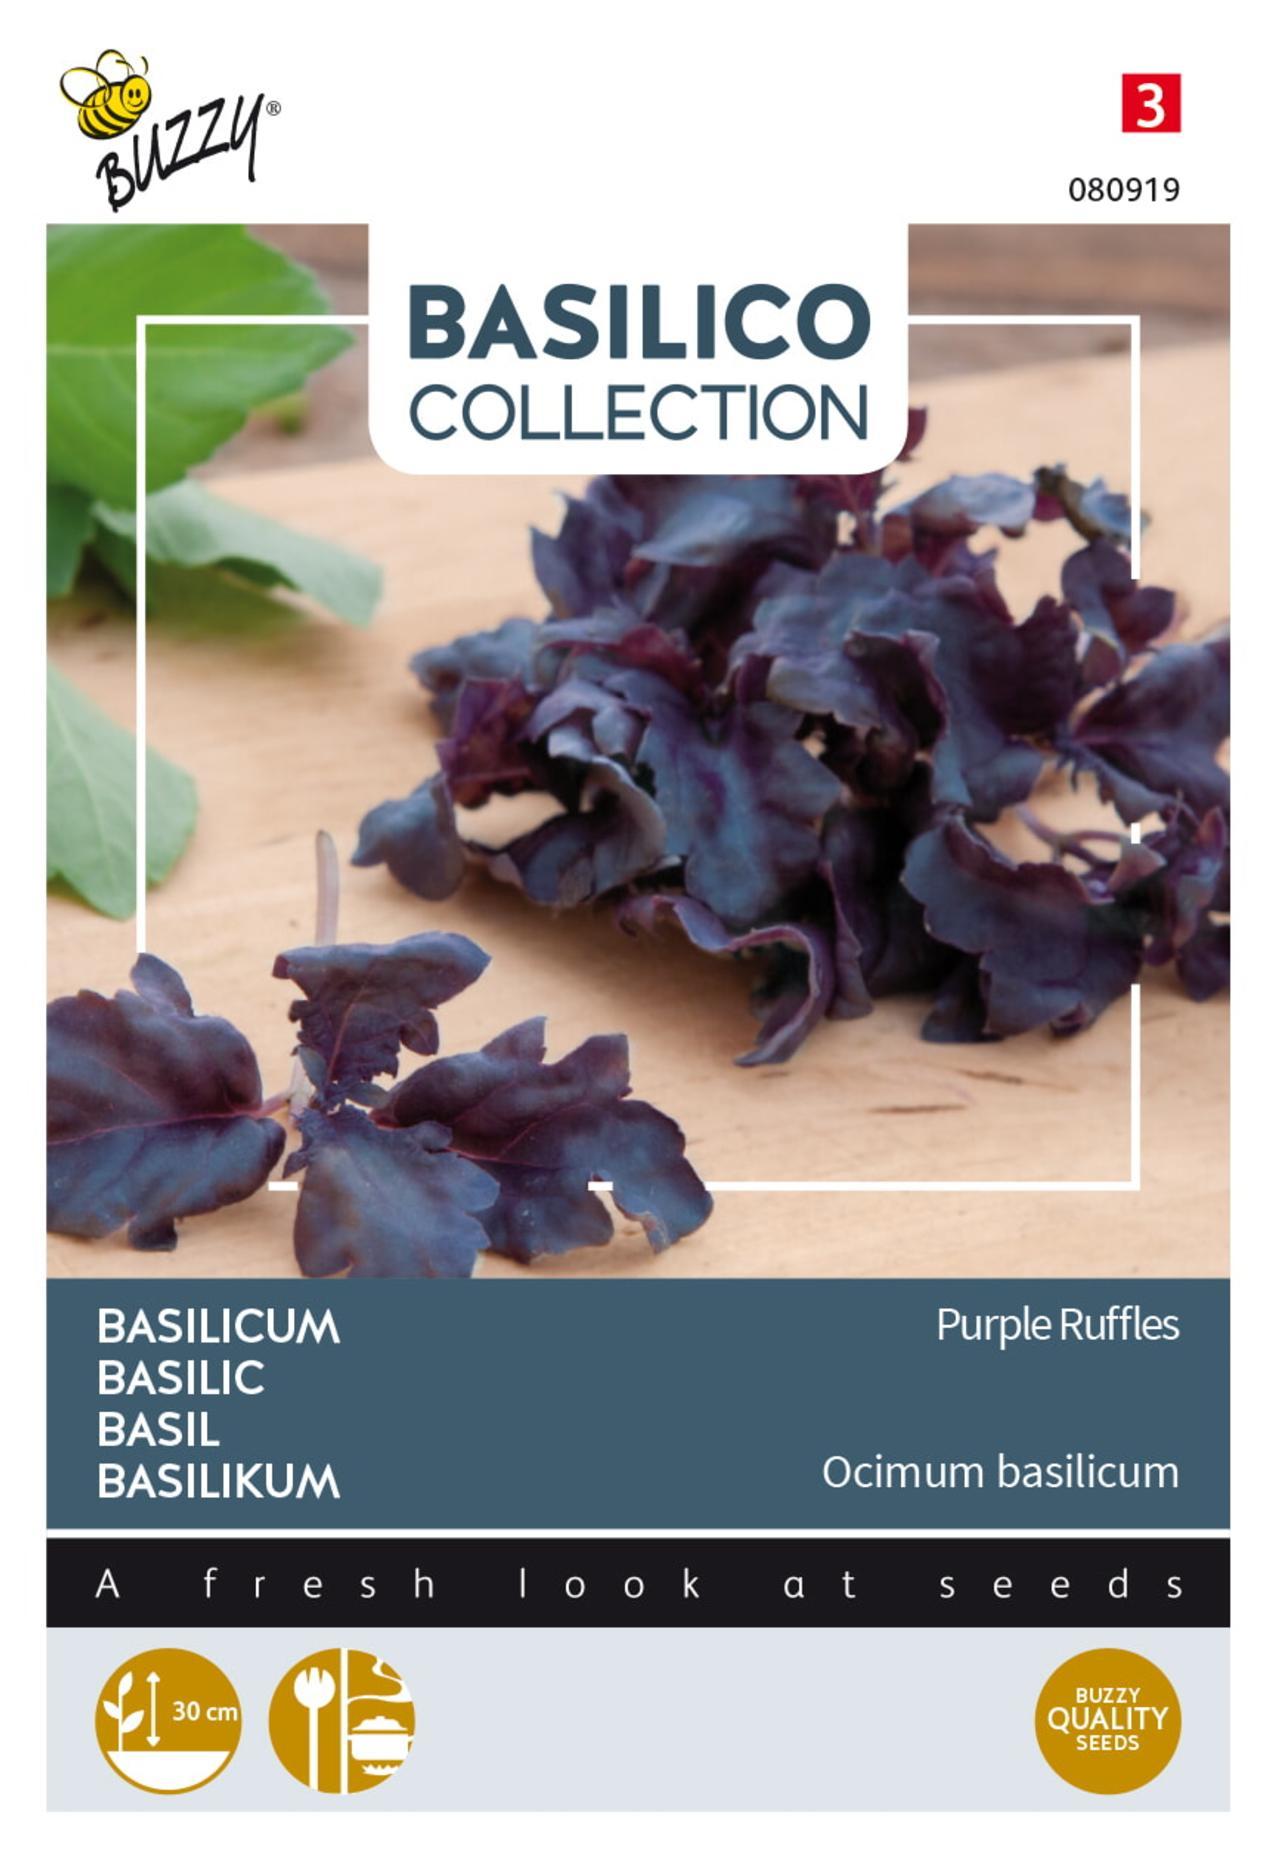 Ocimum basilicum 'Purple Ruffles' plant